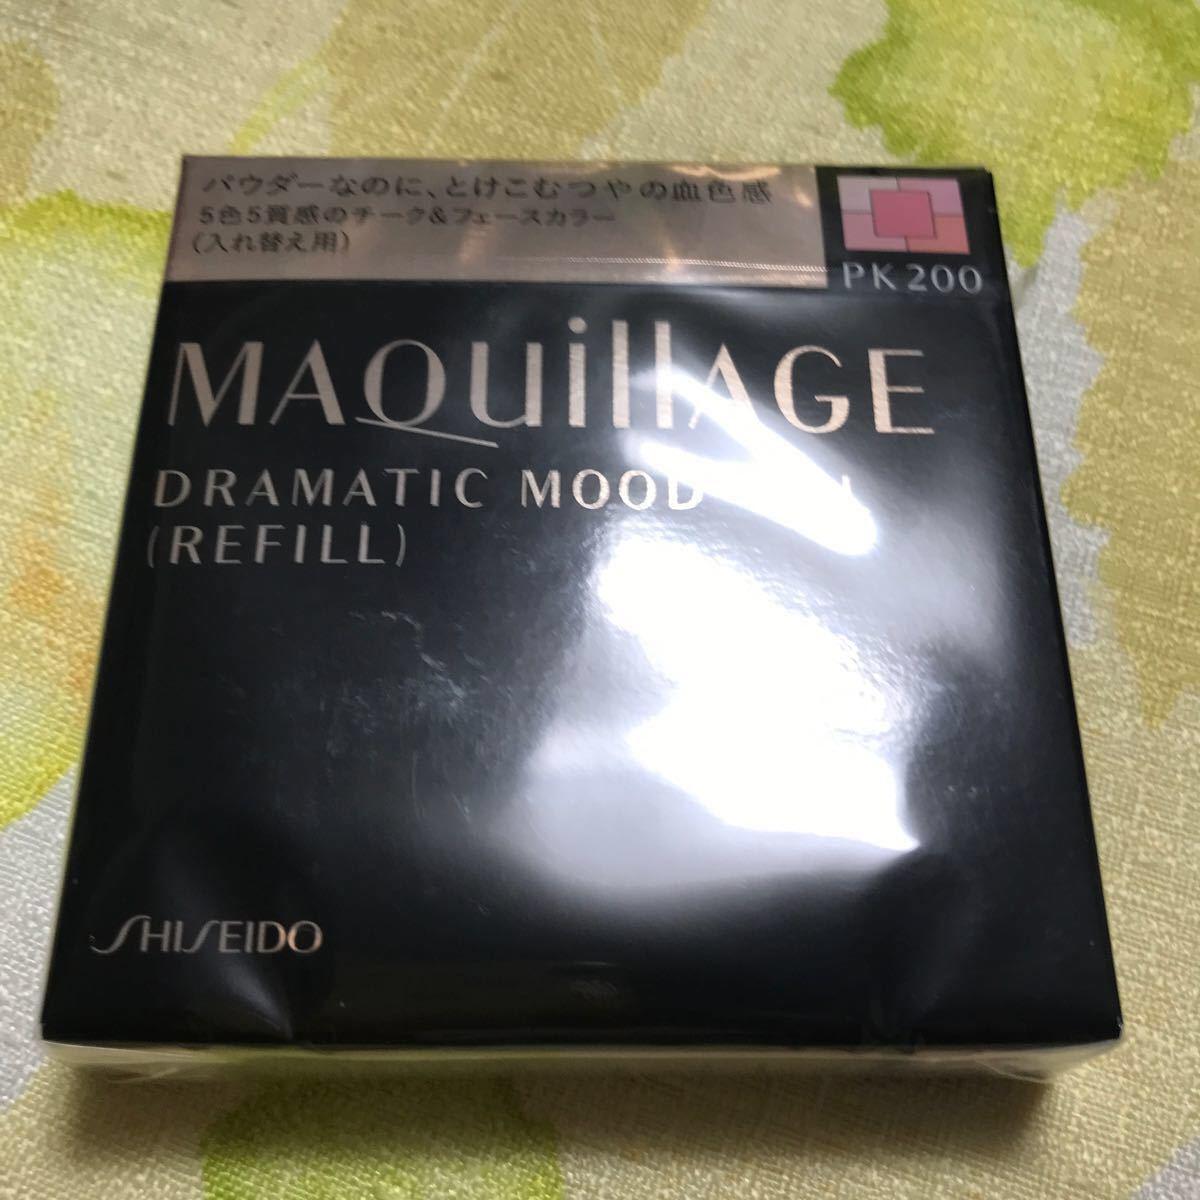 マキアージュ ドラマティックムードヴェール PK200 ピーチピンク レフィル 8gとルージュEX 口紅4g